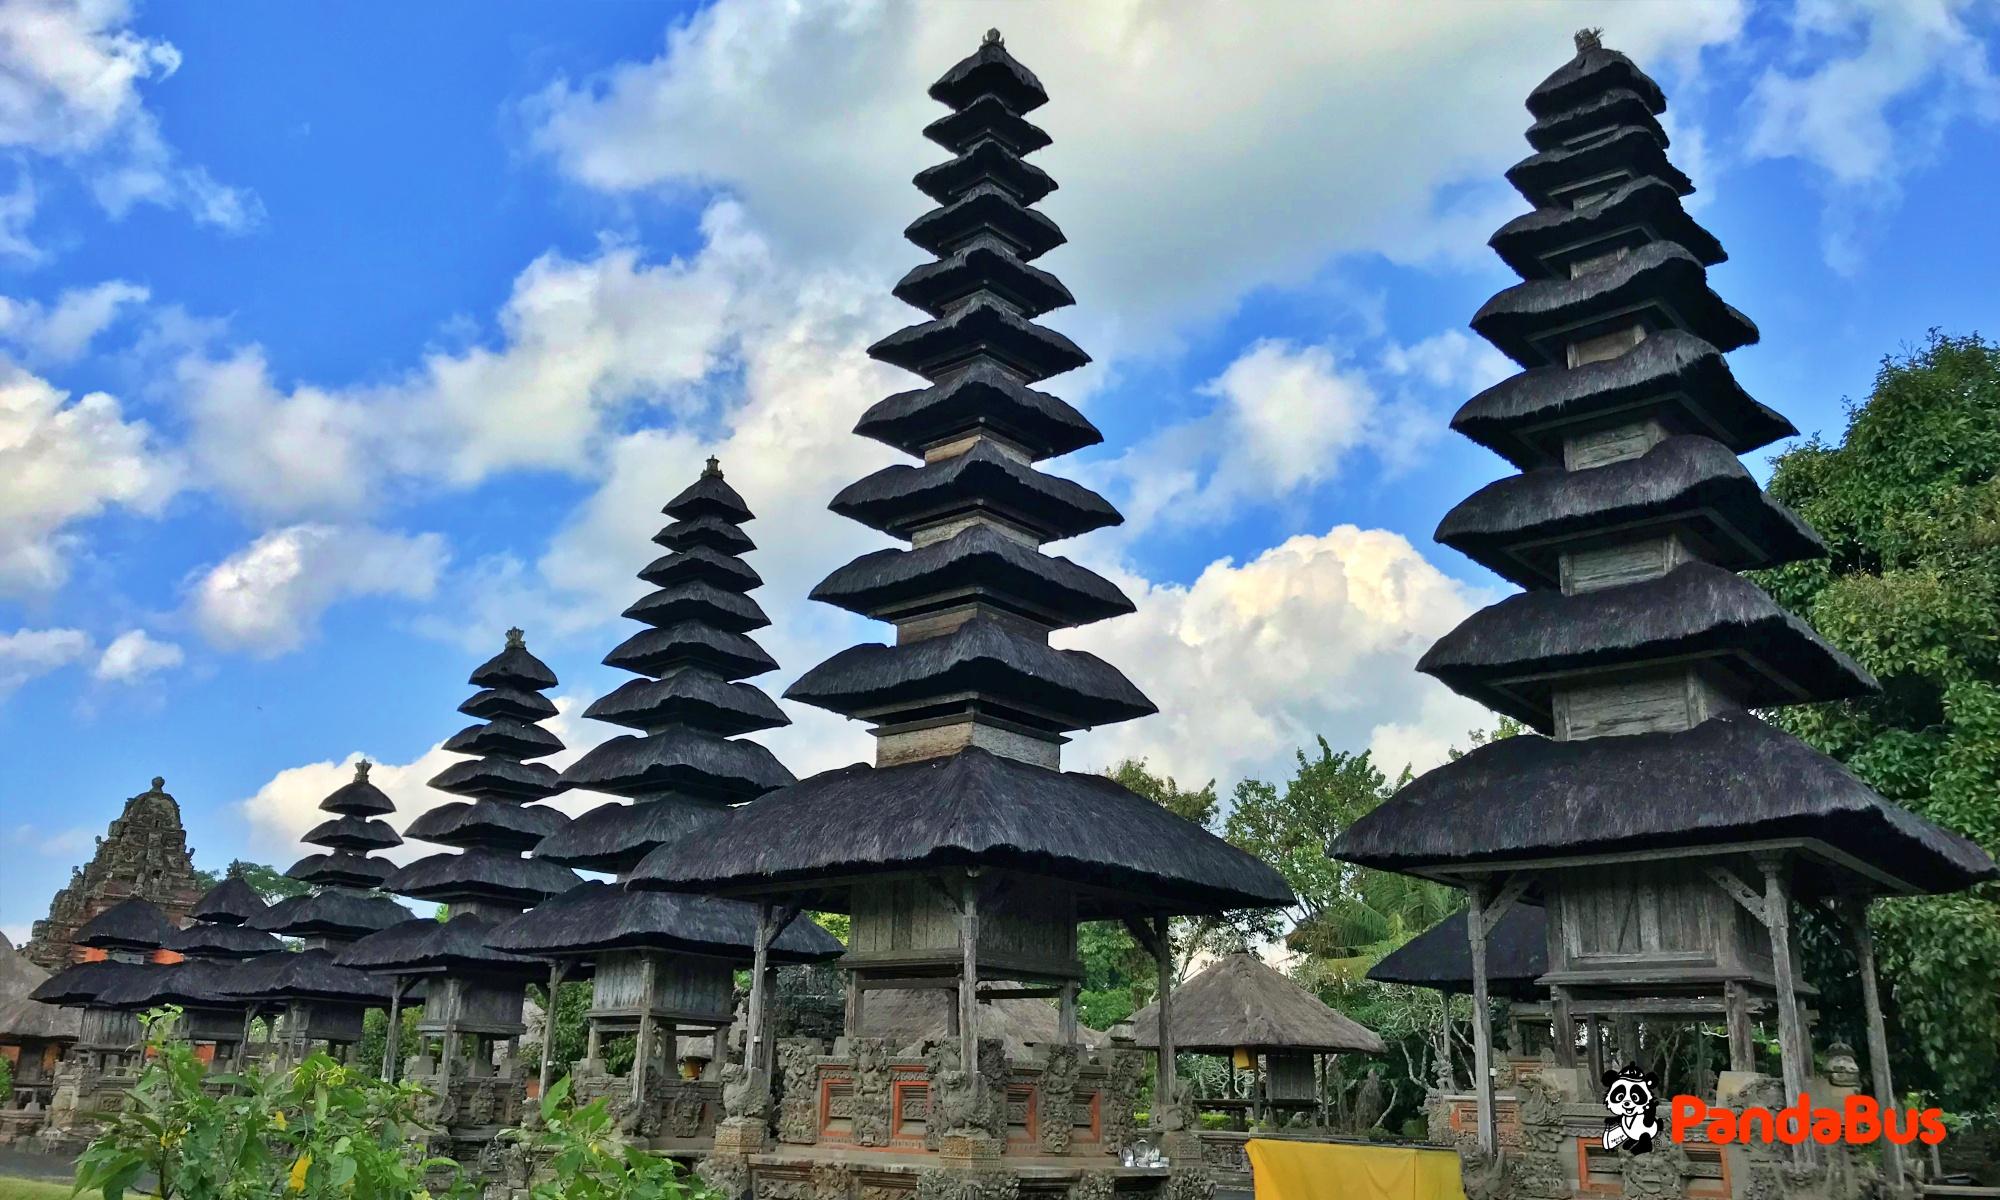 【世界遺産】タマンアユン寺院